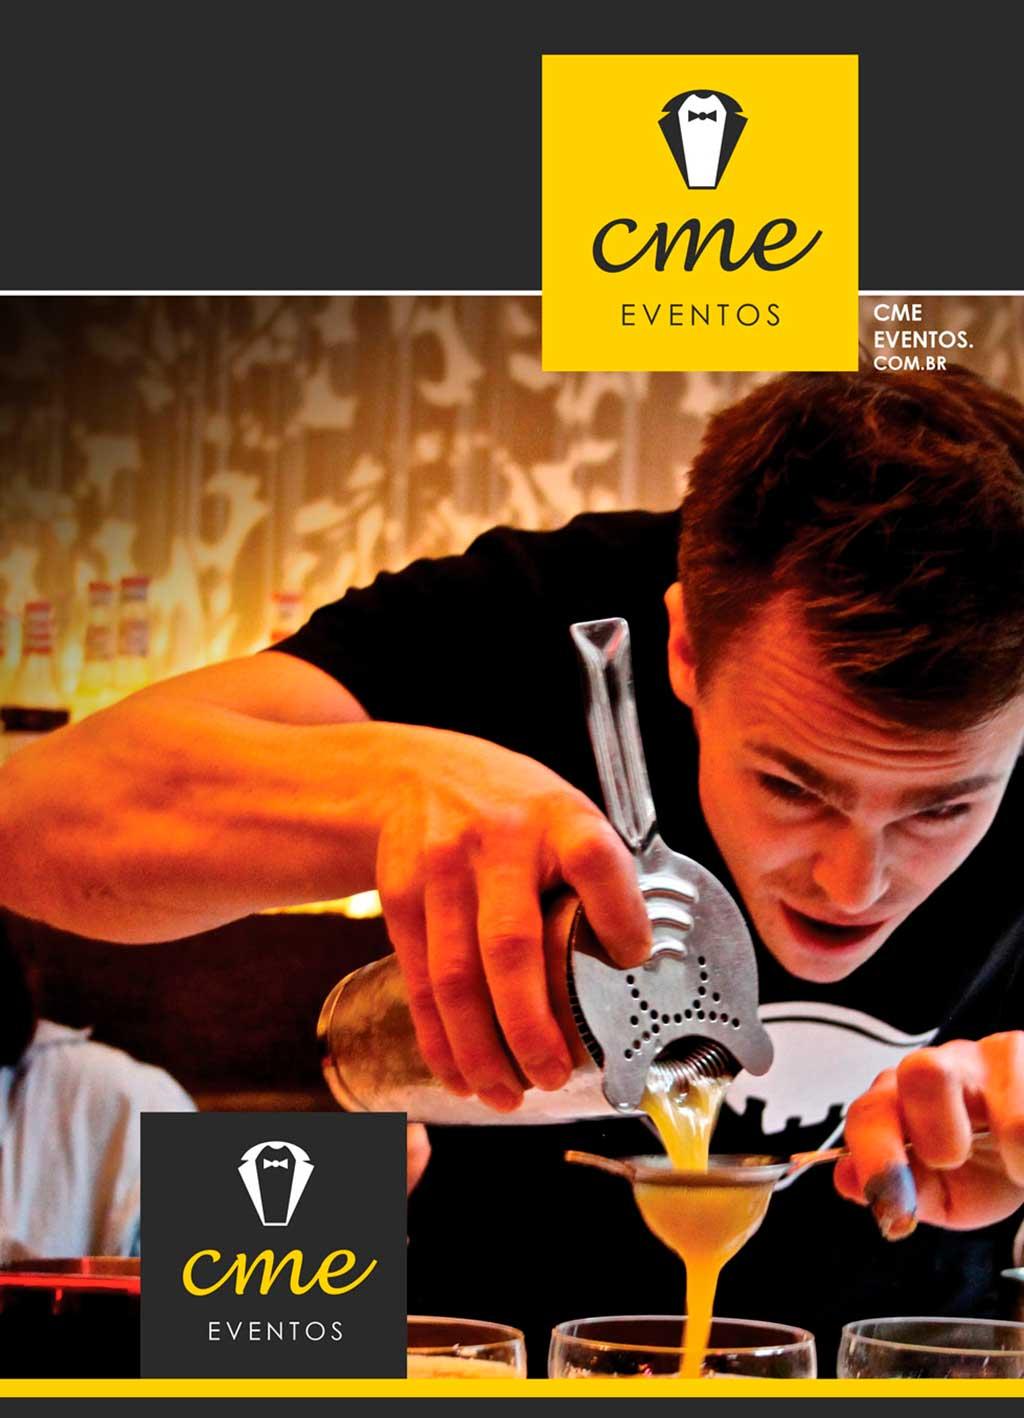 cme-eventos-folder-capa